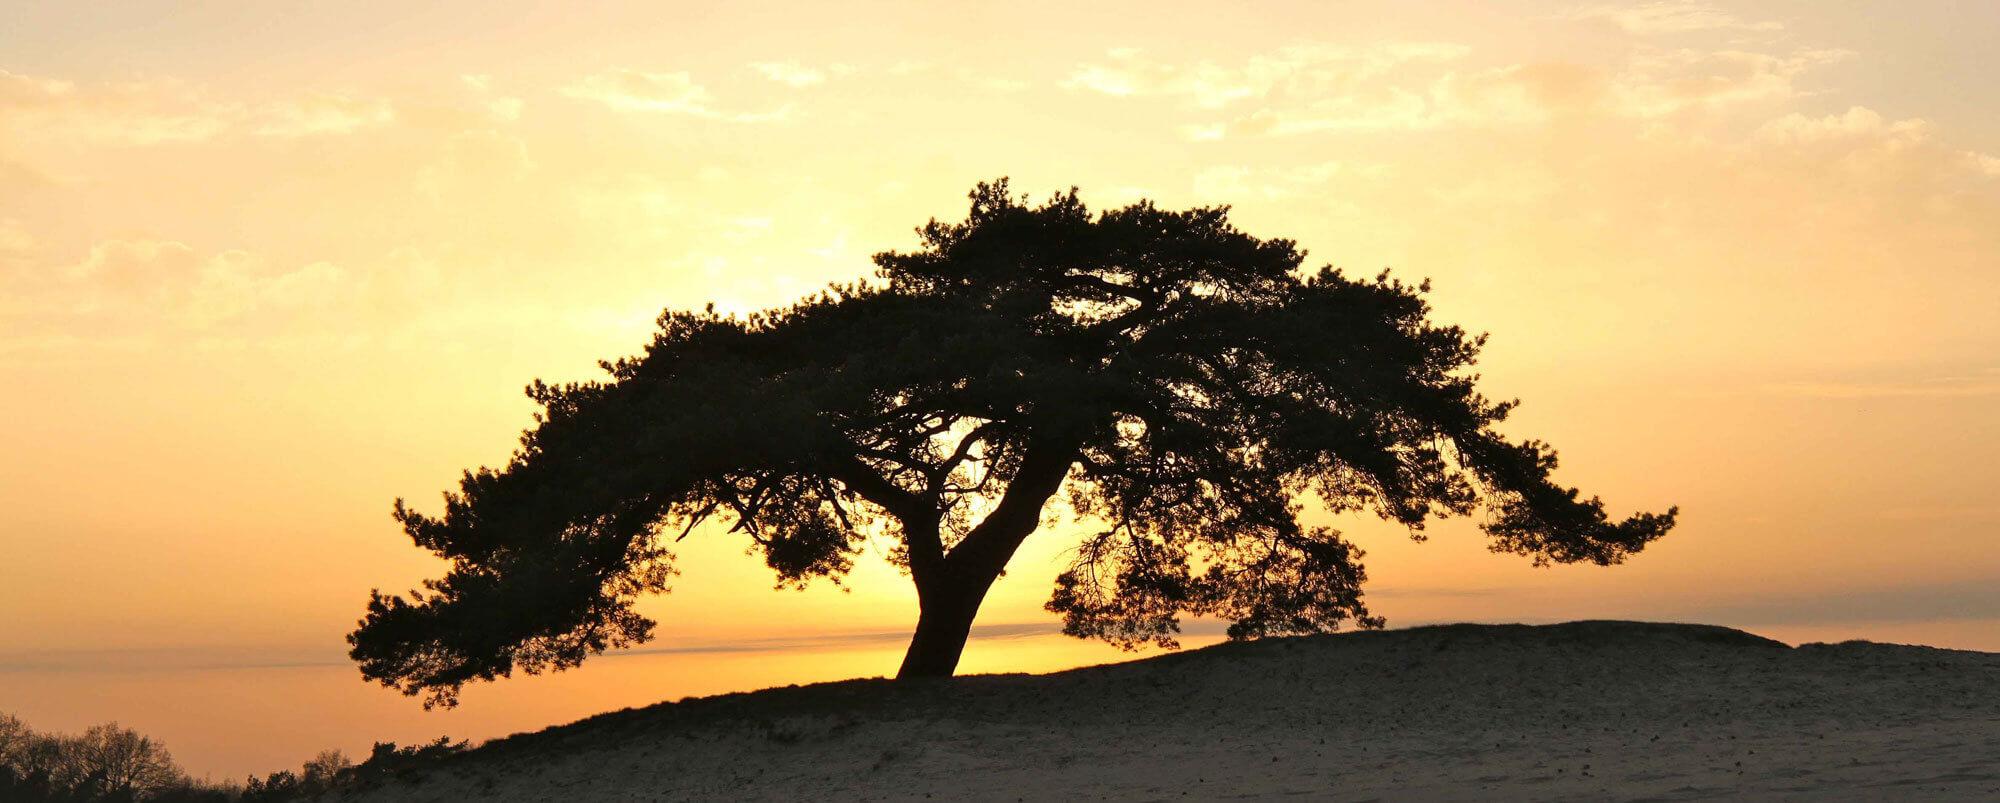 Symbool levensboom in Atma visie